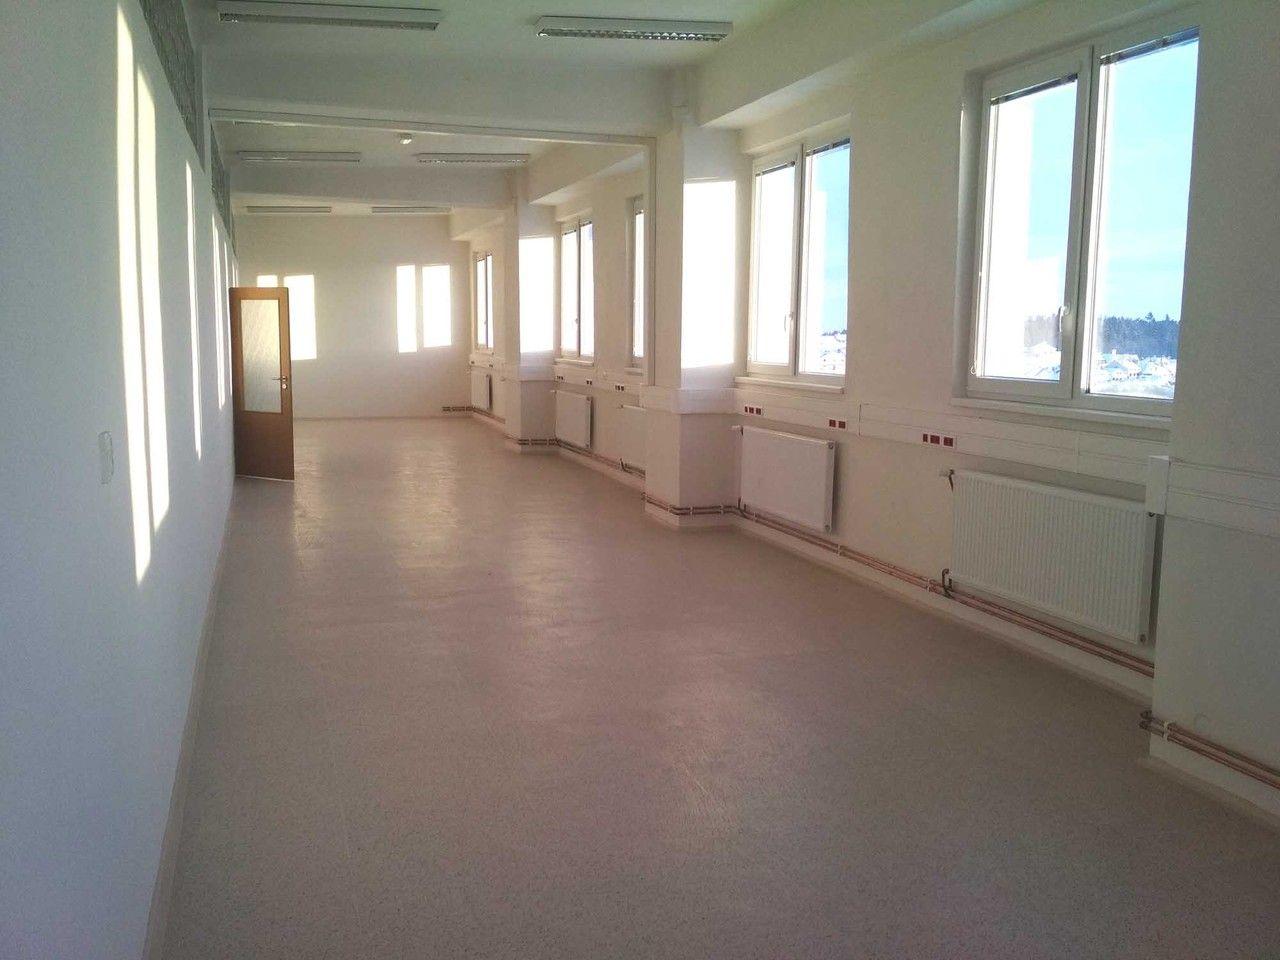 Pronájem kancelářských, administrativních a výrobních prostor v Jihlavě na Znojemské ulici.